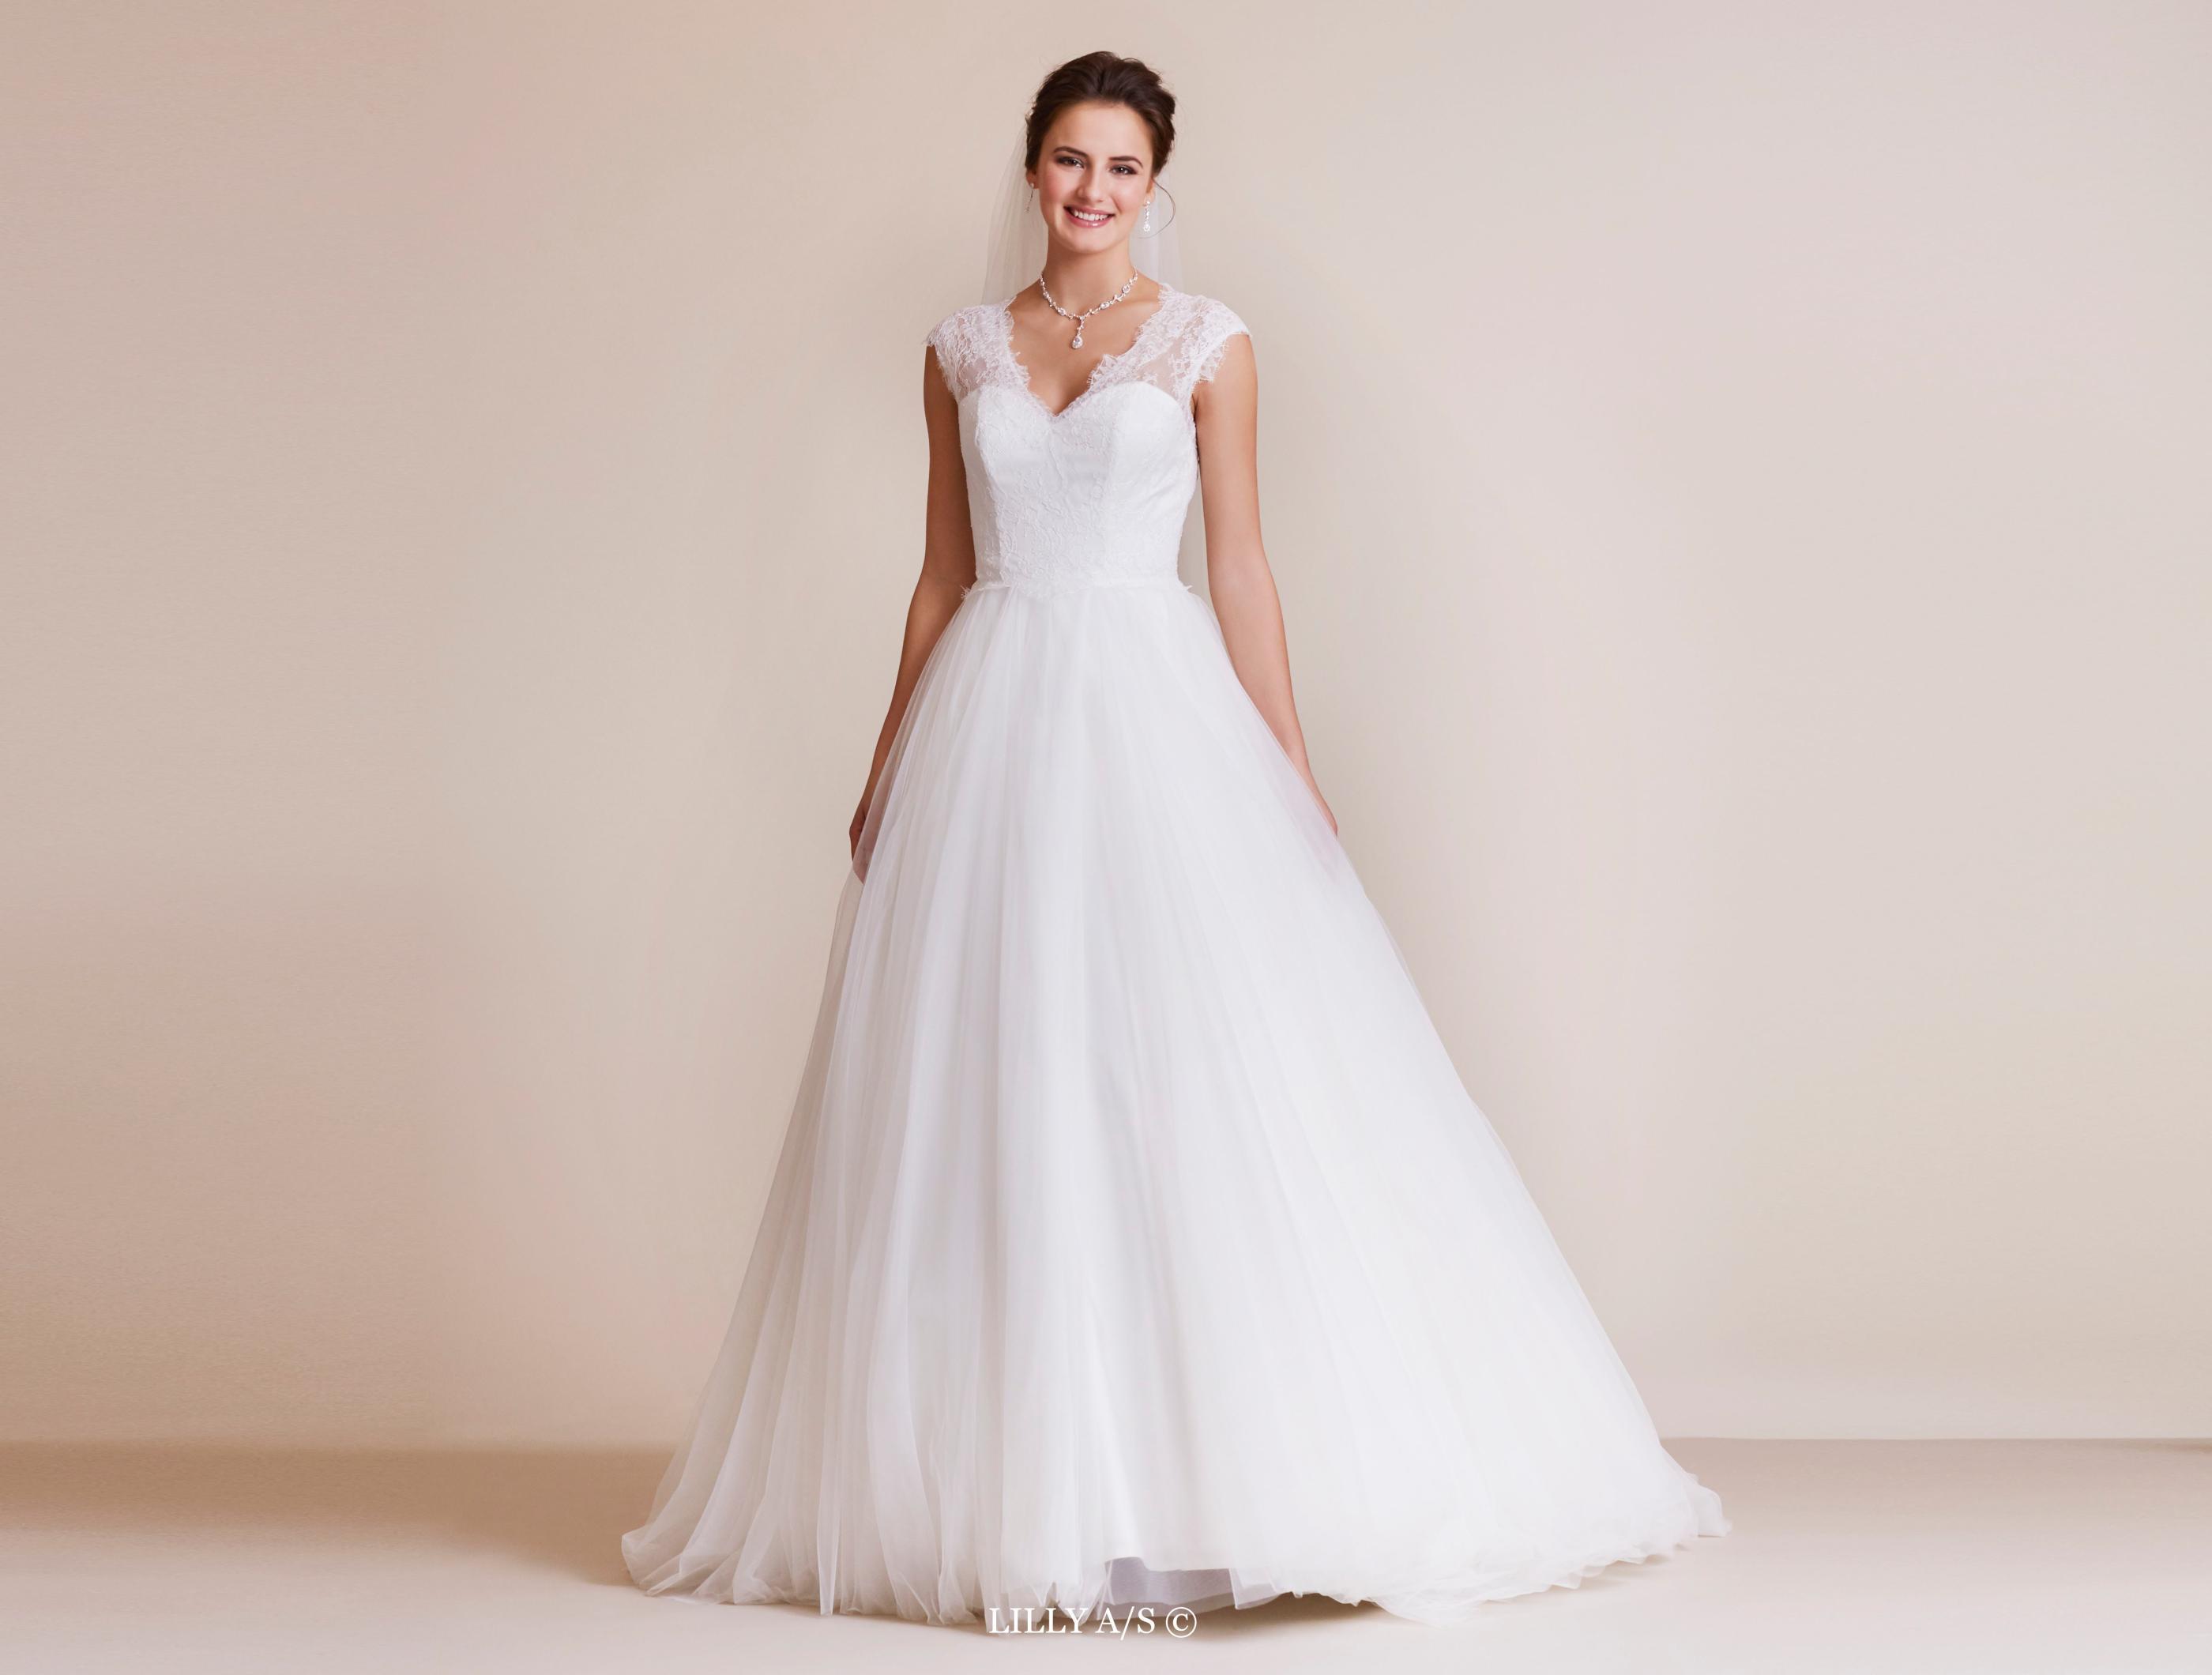 Tüll-Brautkleid mit Spitze im Prinzessin-Stil